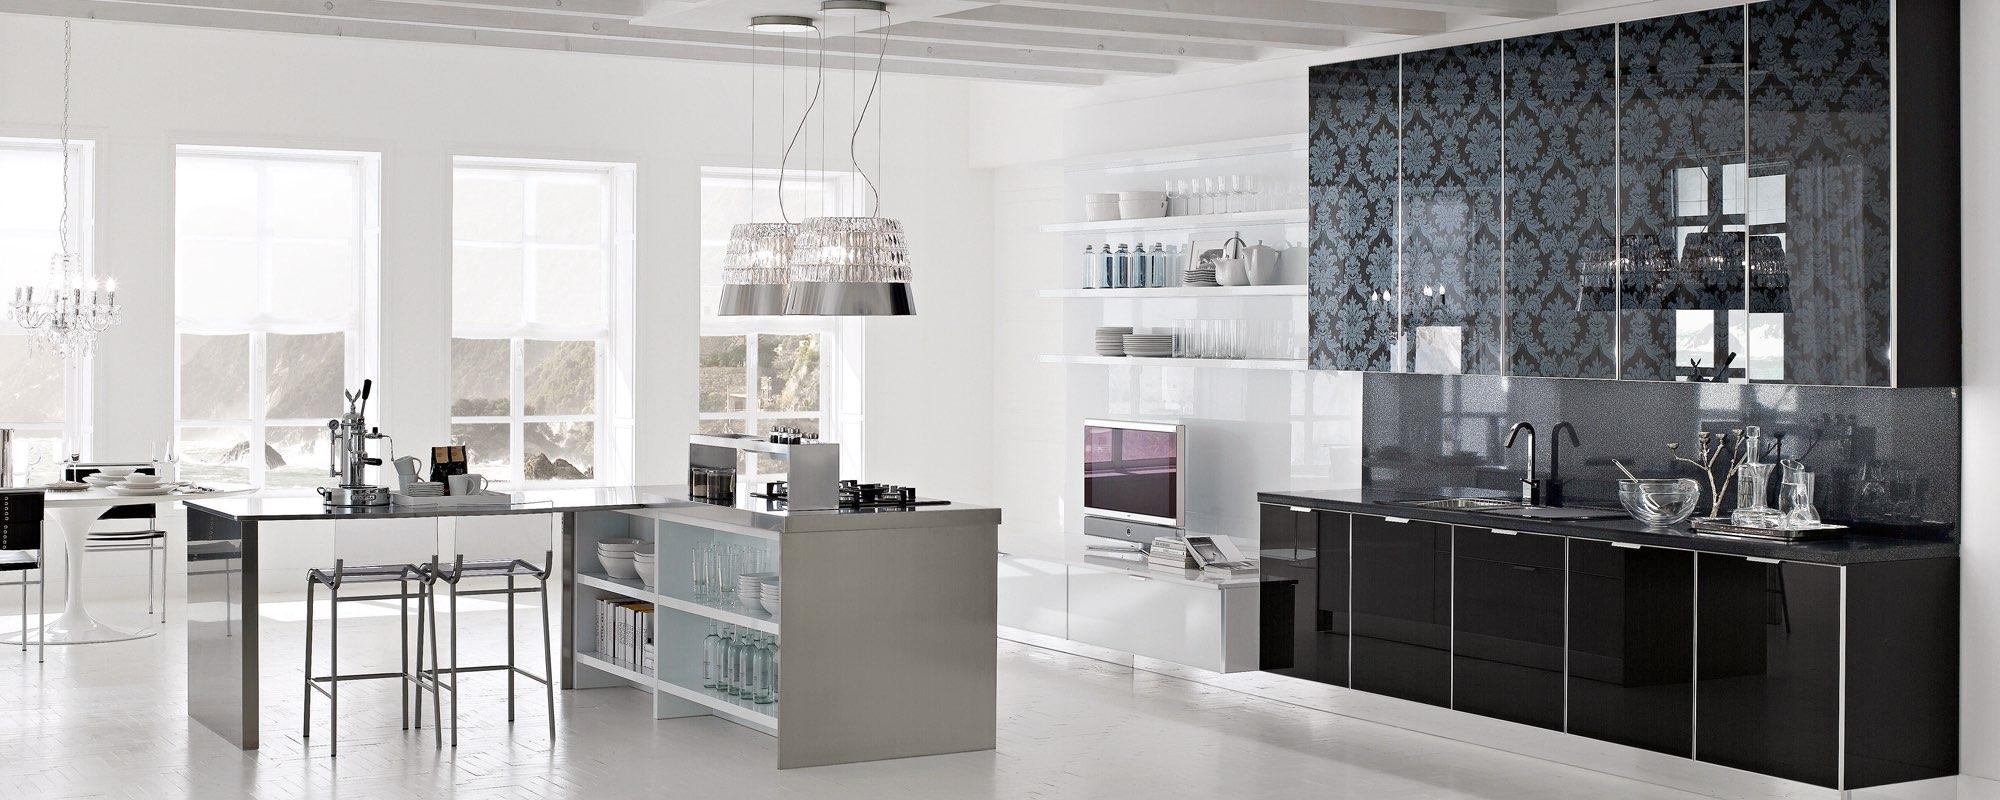 vista di una cucina in acciaio e vetro -Brilliant